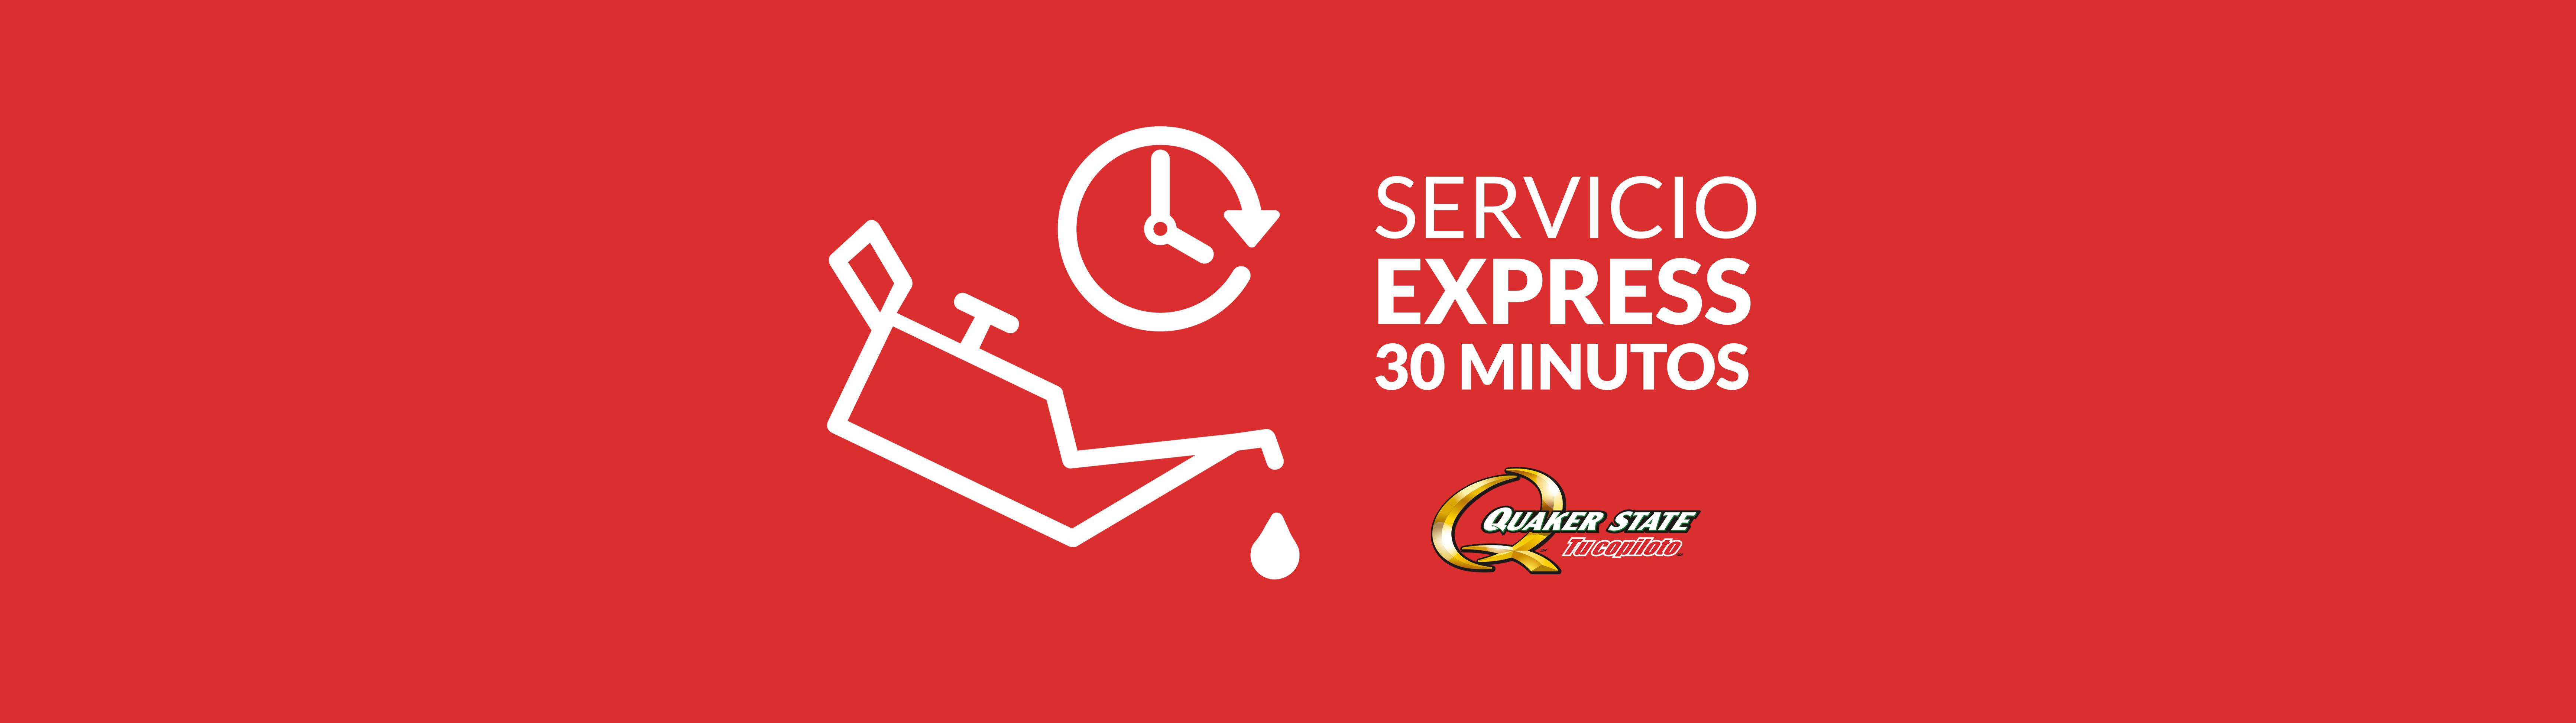 Servicio_express-nuevo rojo-02